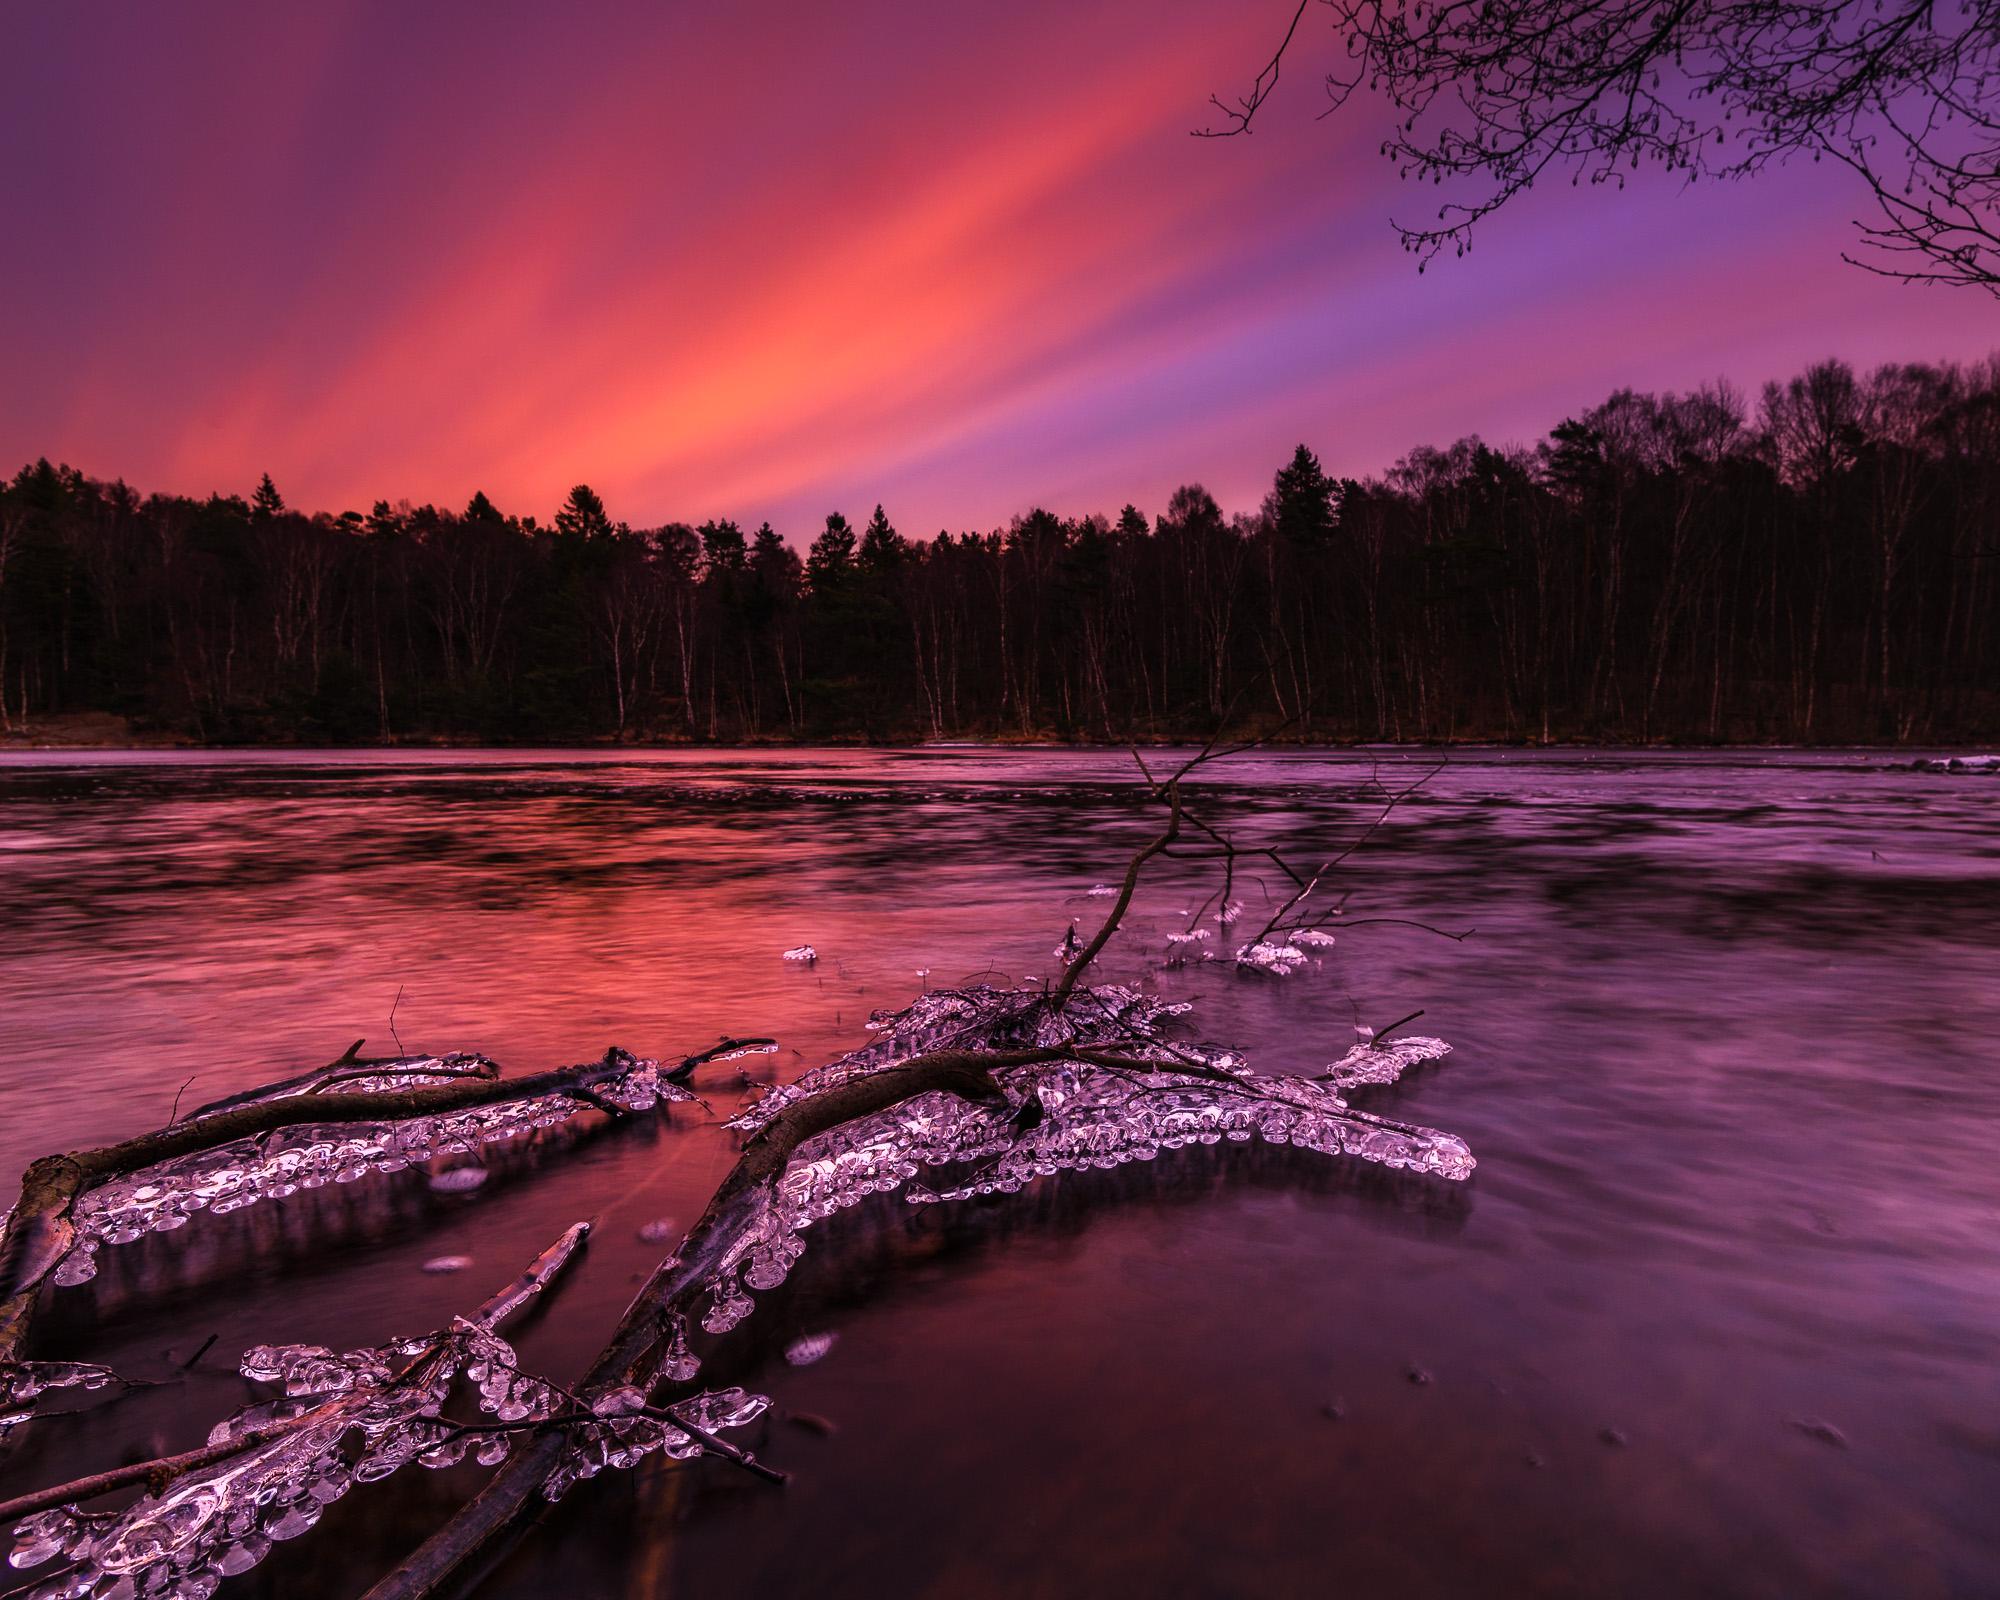 Is på grenar vid soluppgång i Stora Delsjön. Delsjön - där stad och vildmark möts